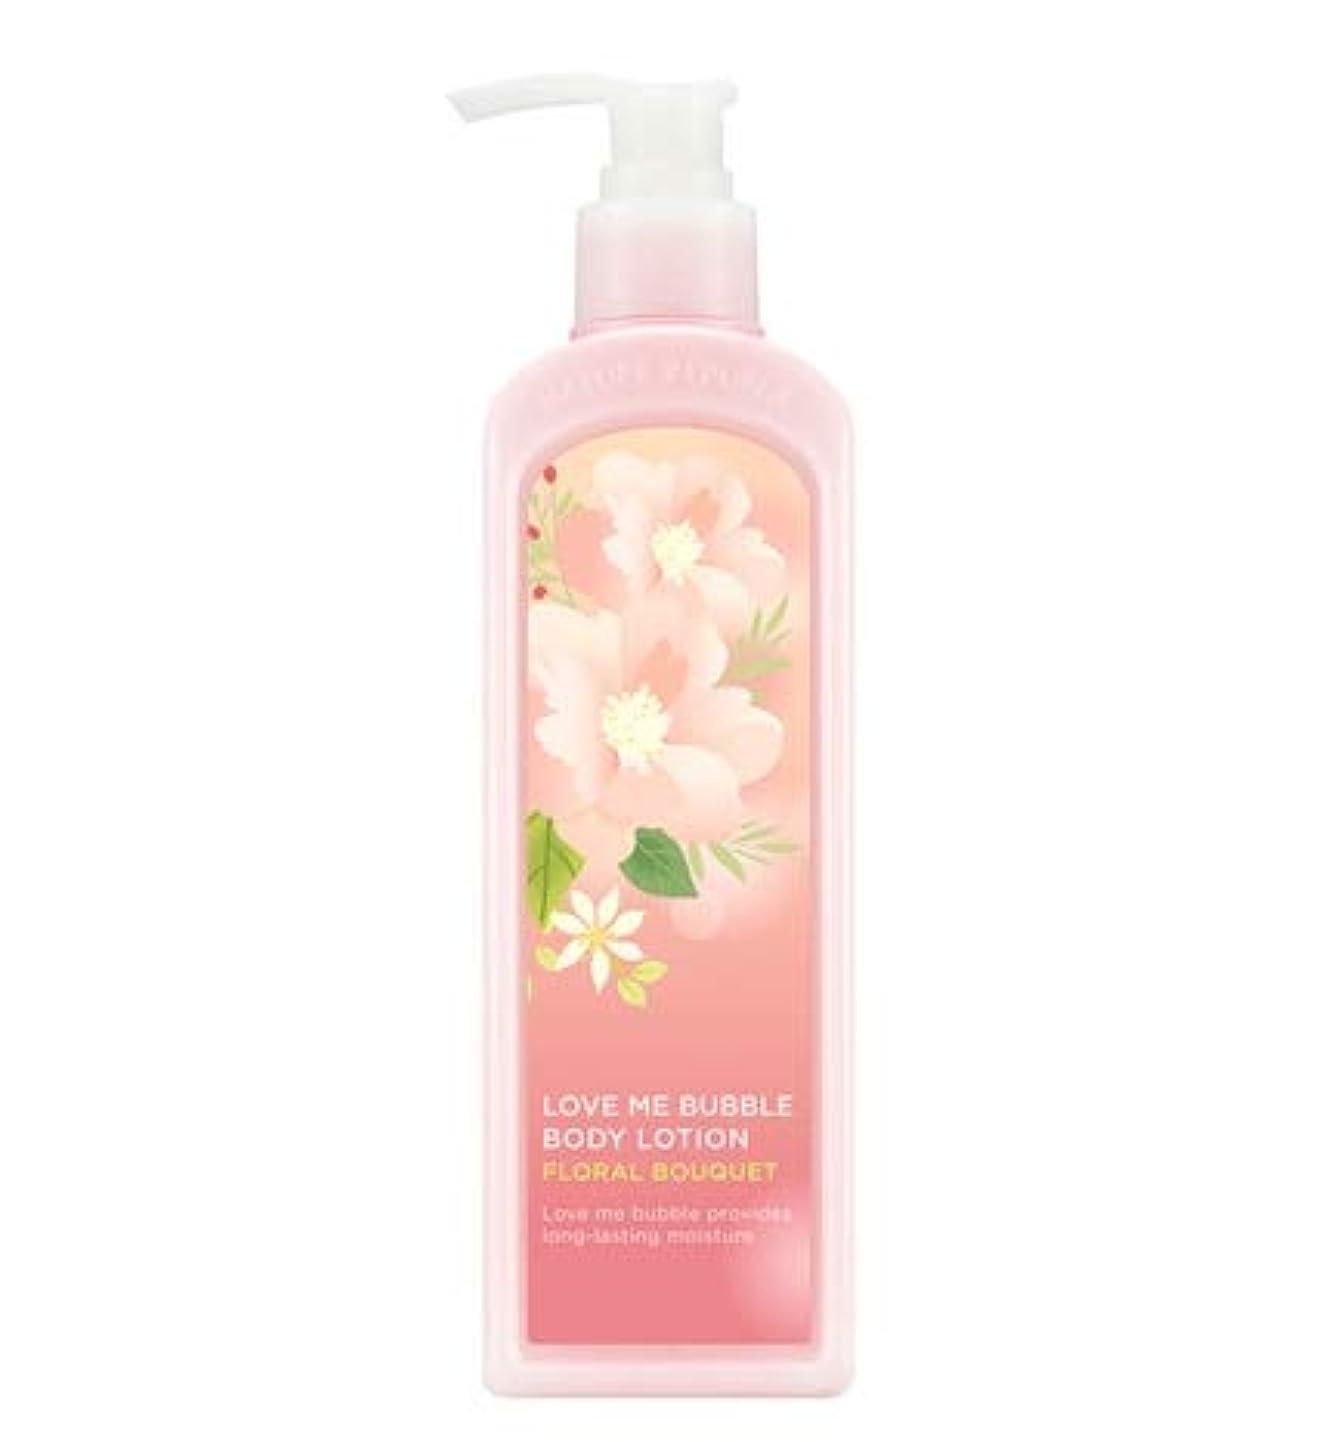 有料ゲートピボットNATURE REPUBLIC Love Me Bubble Body Lotion-Floral bouquet ネイチャリパブリックラブミバブルボディーローション [並行輸入品]